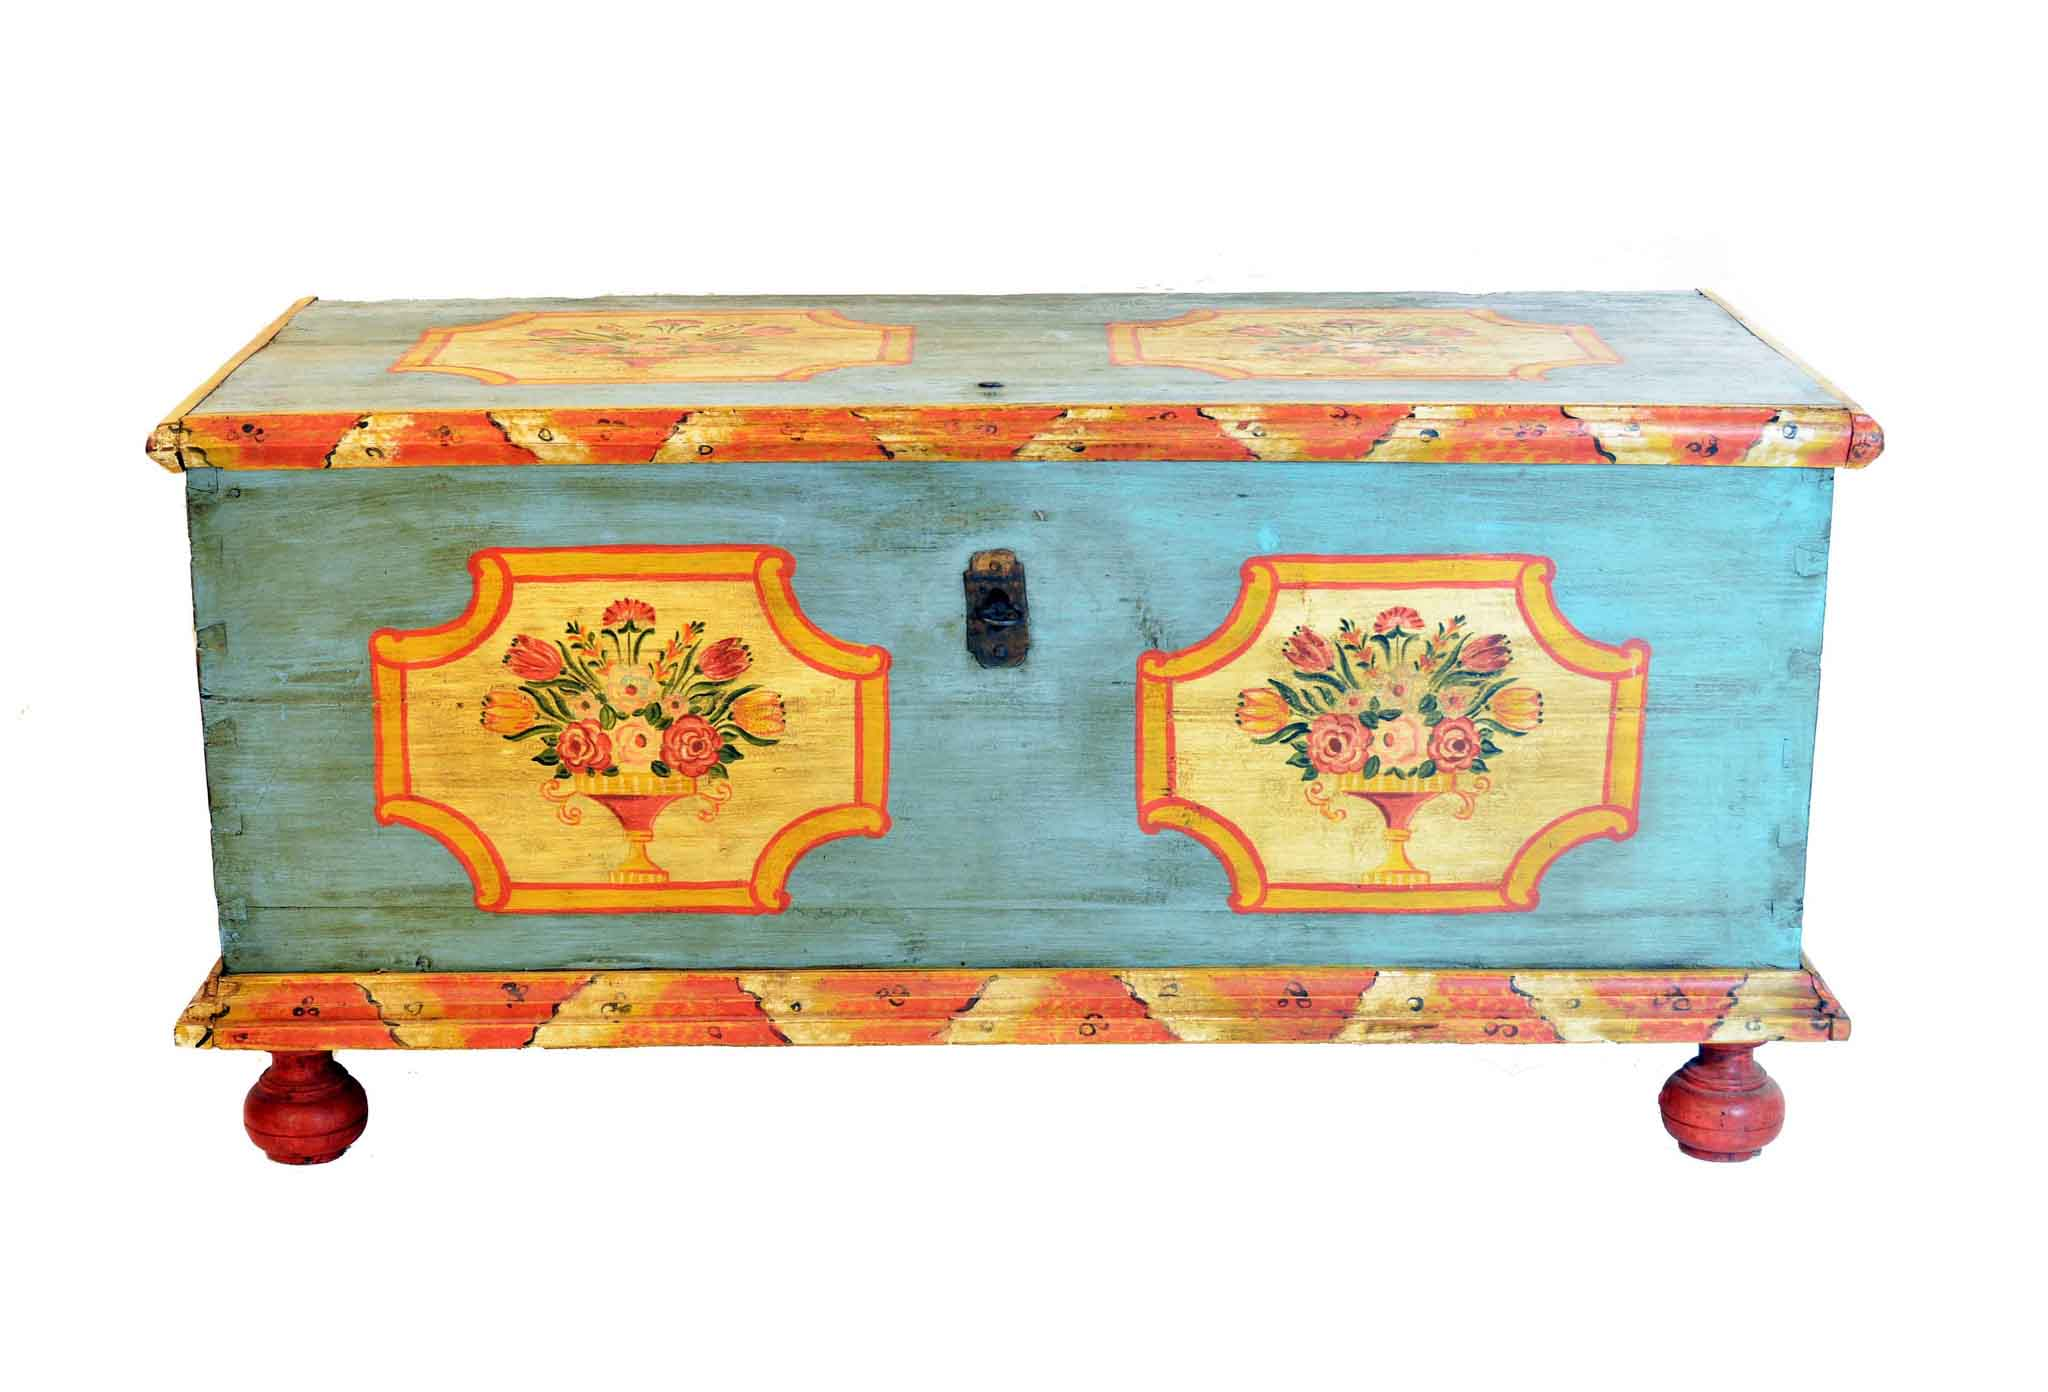 Реставрируем старый чемодан своими руками